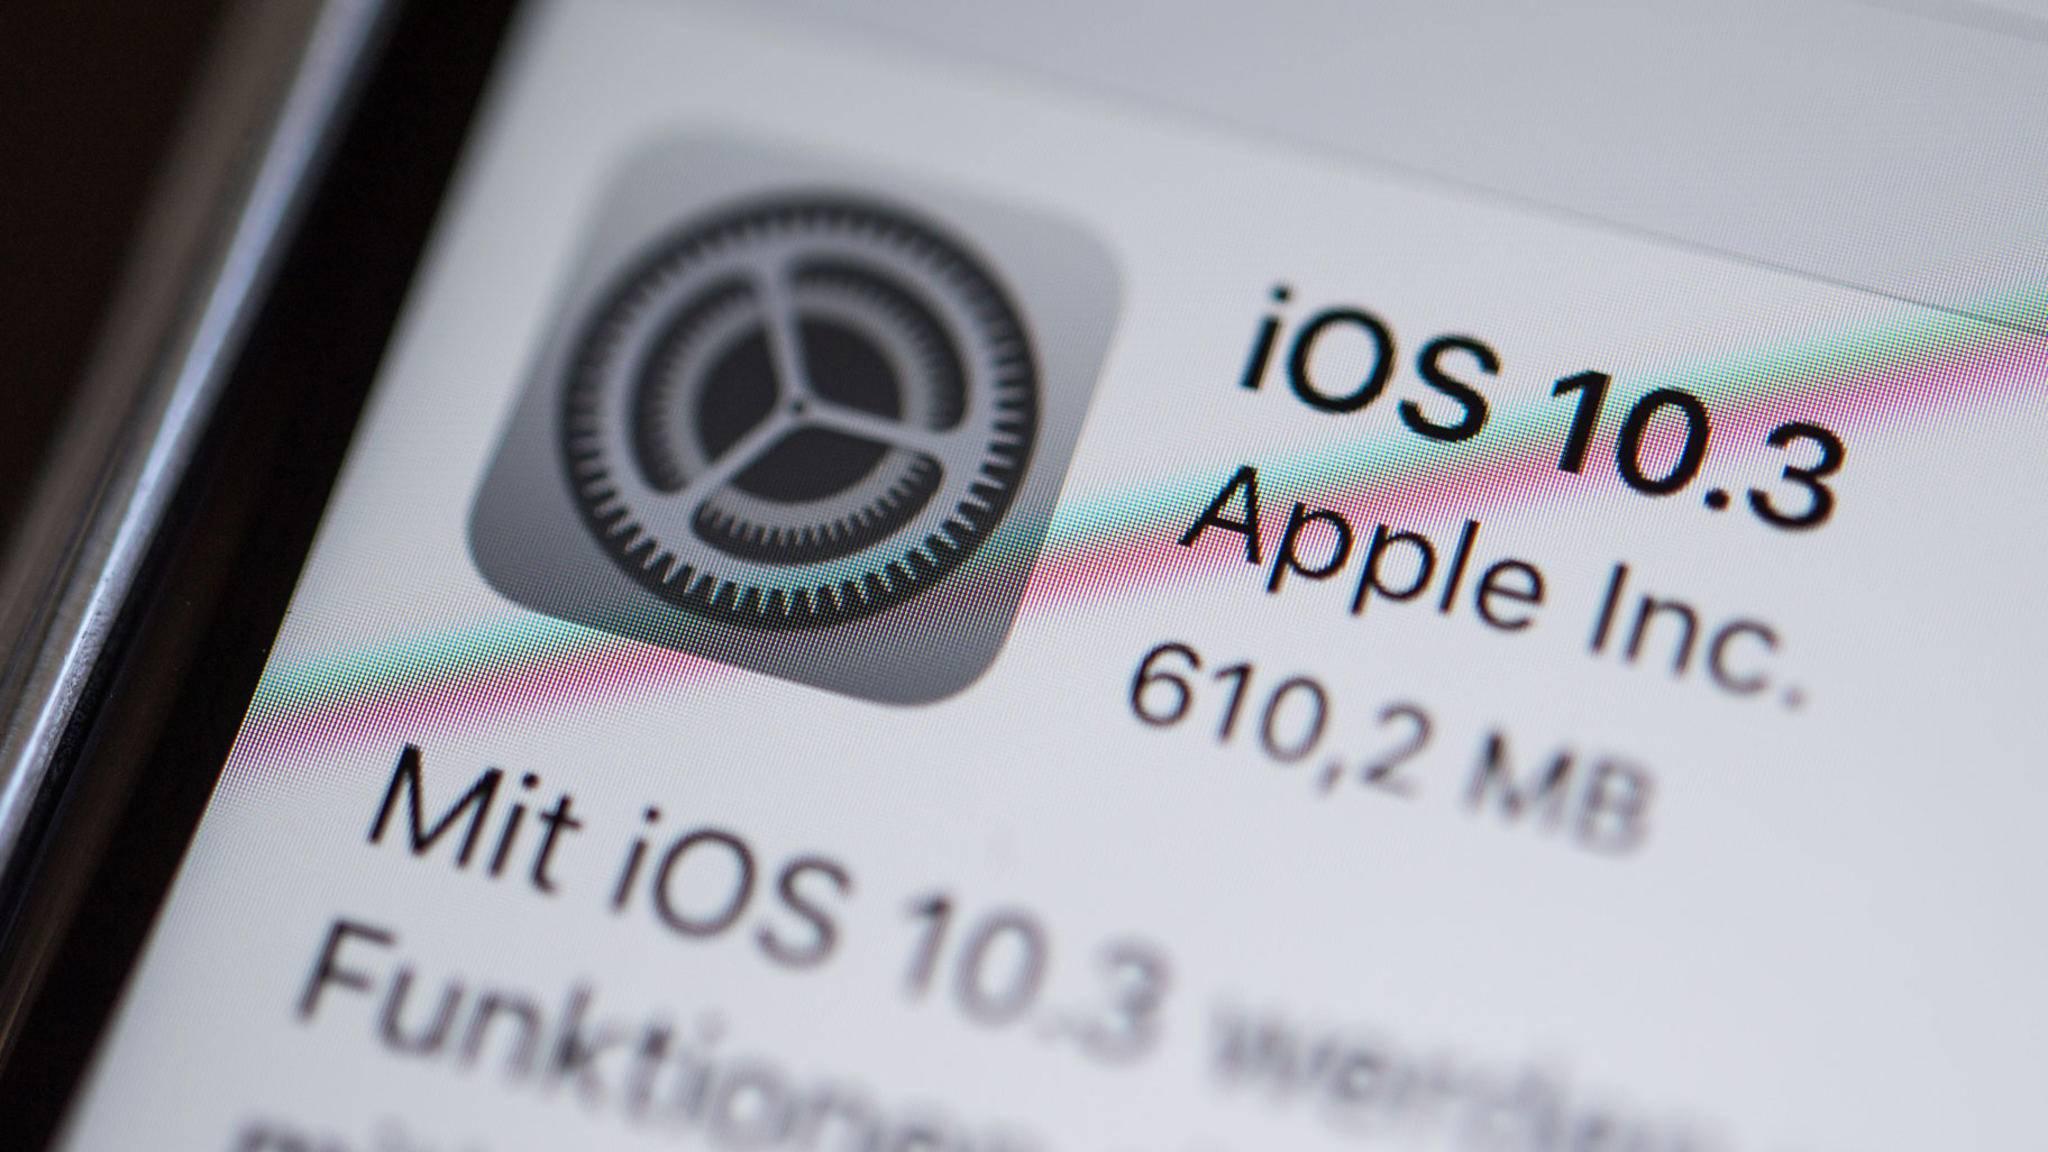 iOS 10.3 bringt nicht nicht nur neue Features aufs iPhone, sondern schaltet bei einigen Nutzern versehentlich ursprünglich deaktivierte iCloud-Dienste ein.